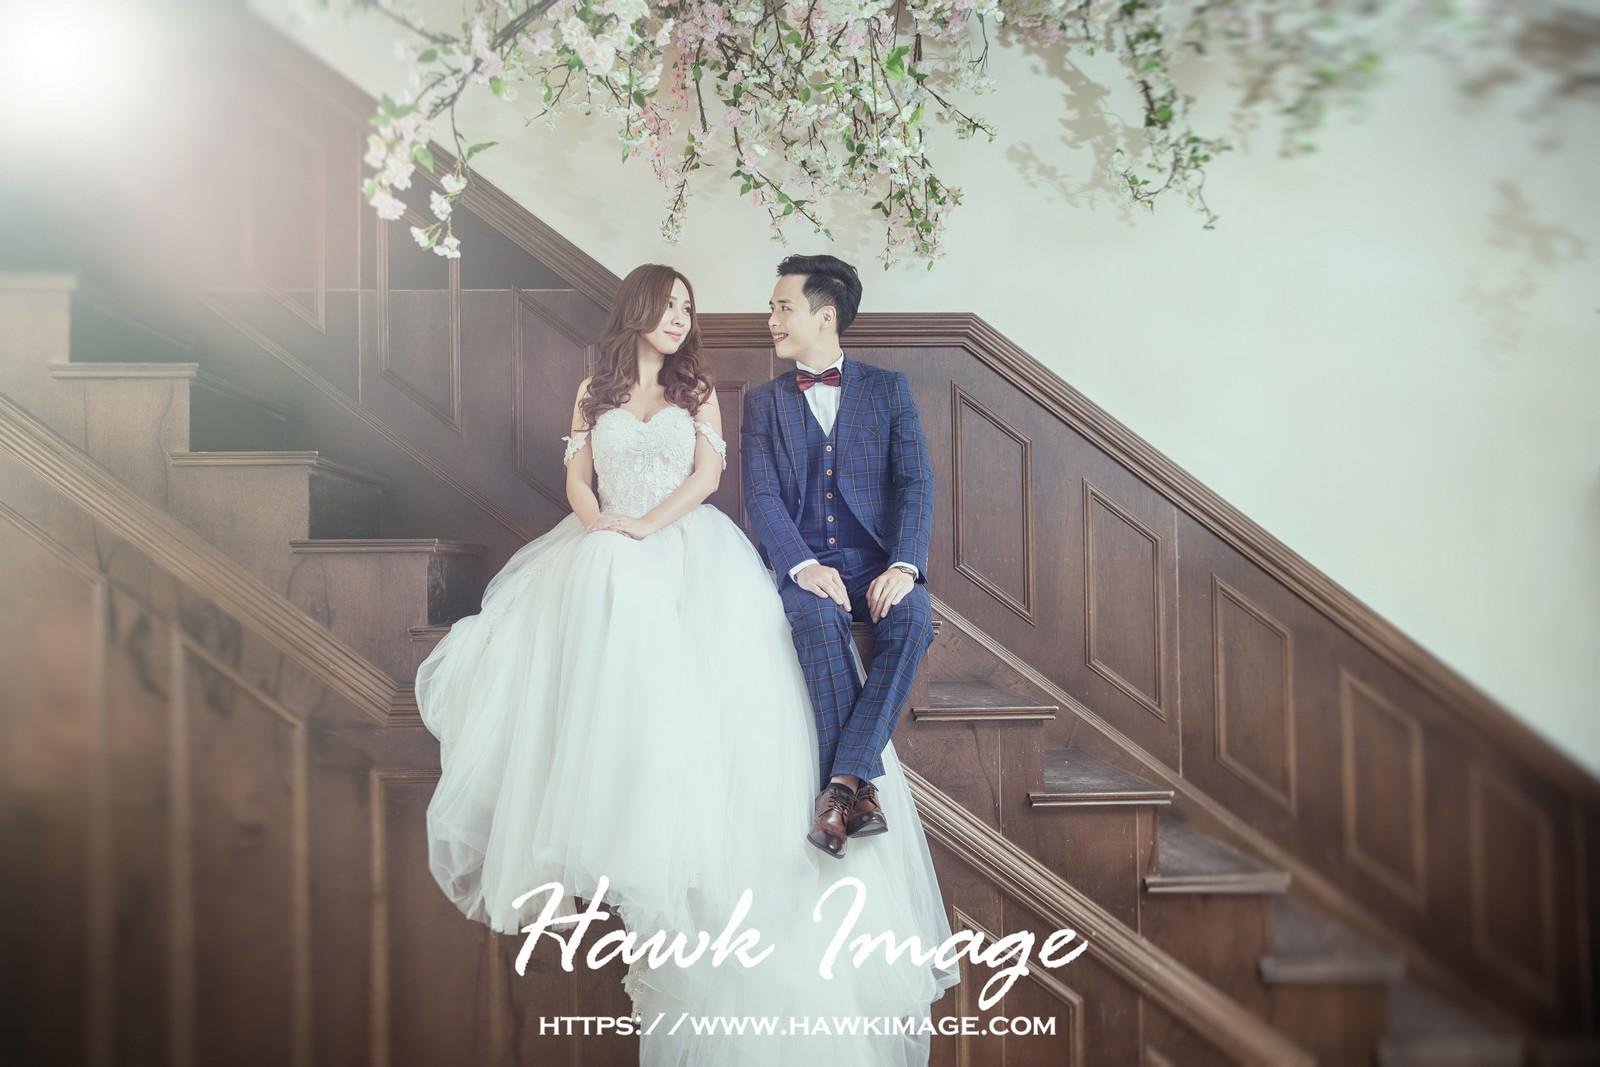 婚紗攝影,婚紗展,婚禮攝影,婚禮錄影